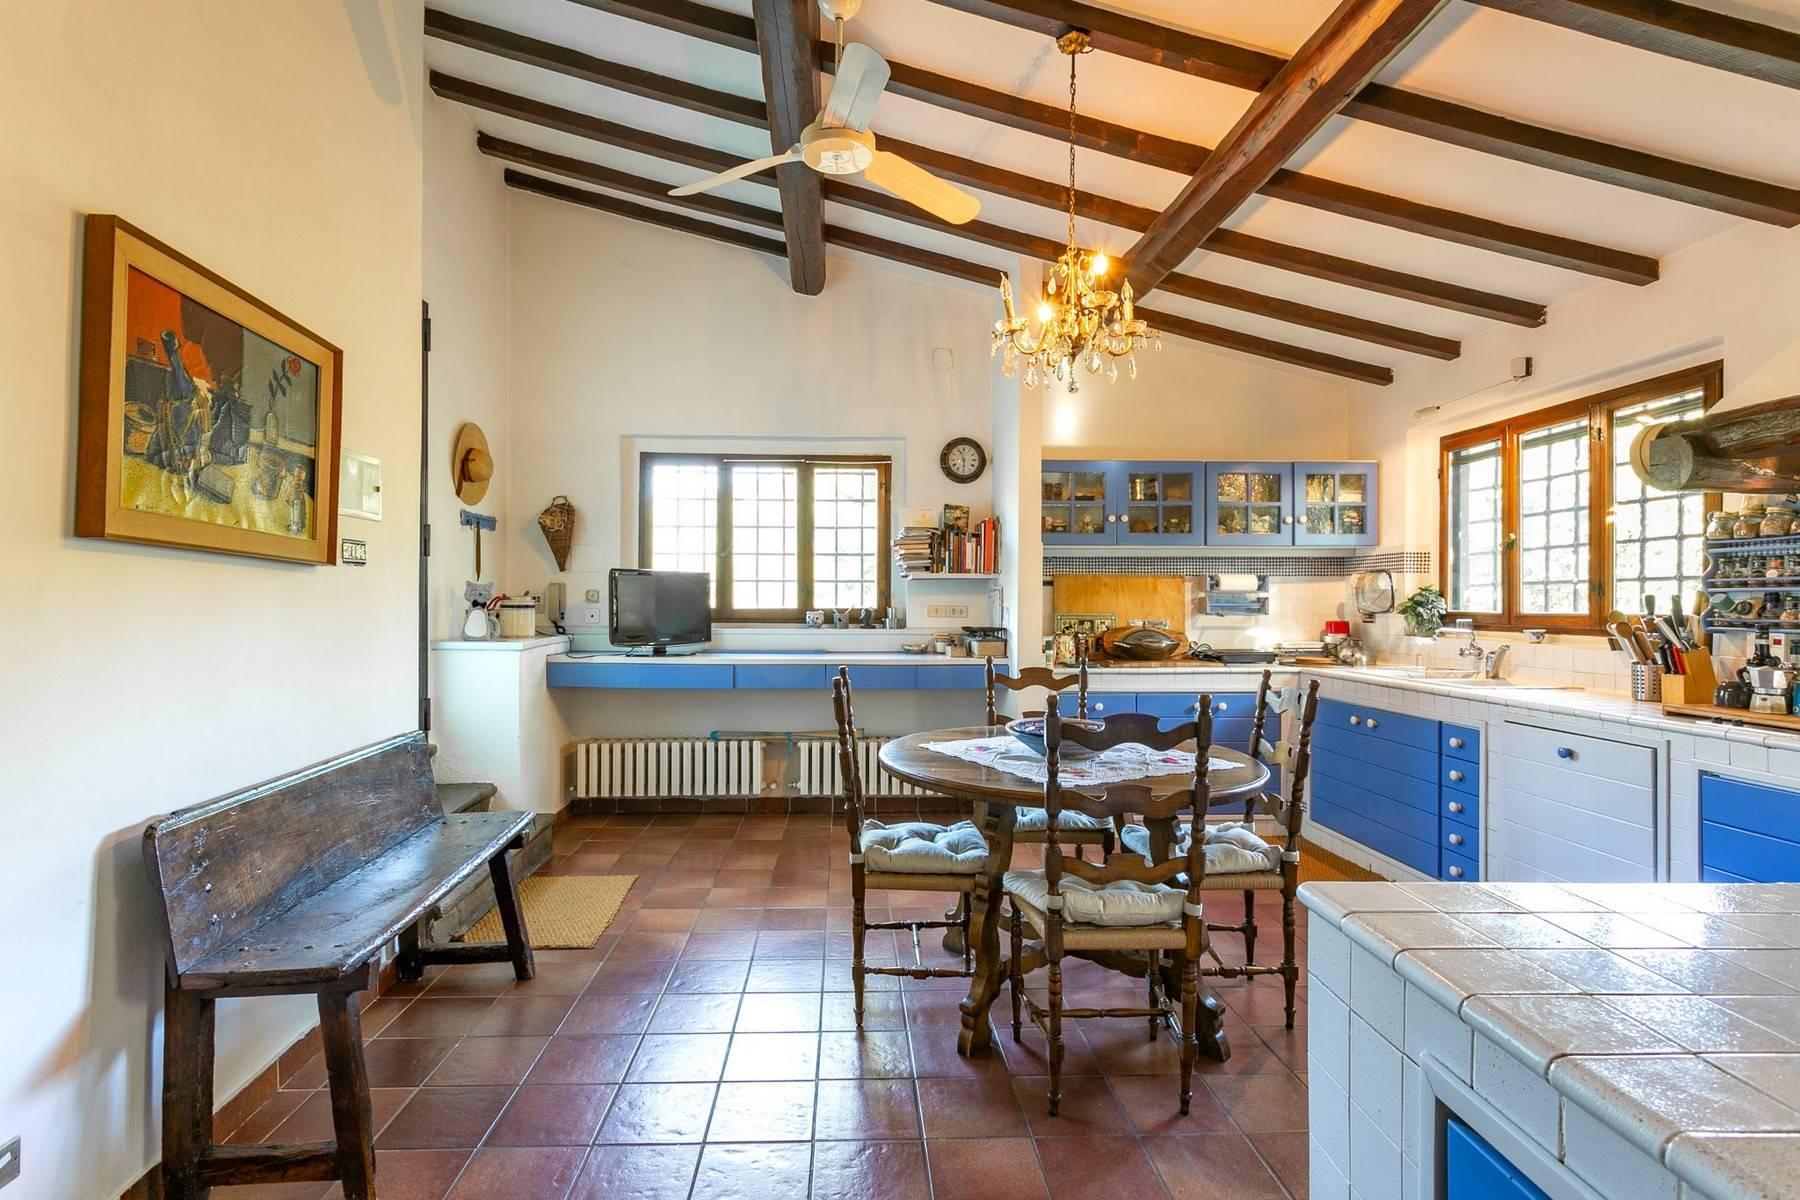 Villa mitten im Grünen in der Nähe von Florenz - 15